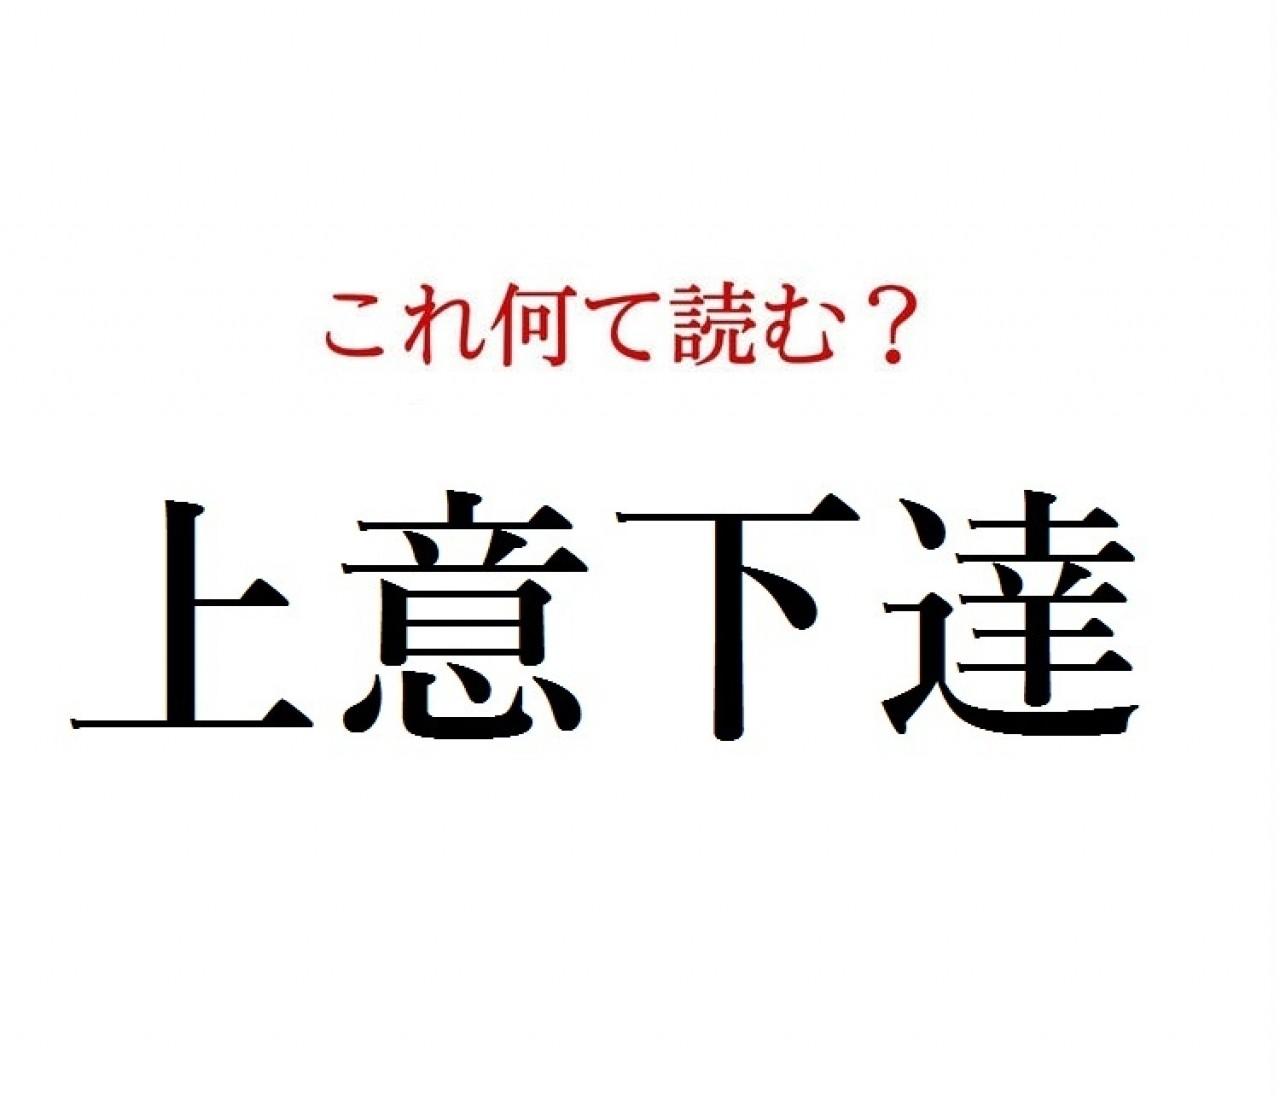 「上意下達」:この漢字、自信を持って読めますか?【働く大人の漢字クイズvol.294】